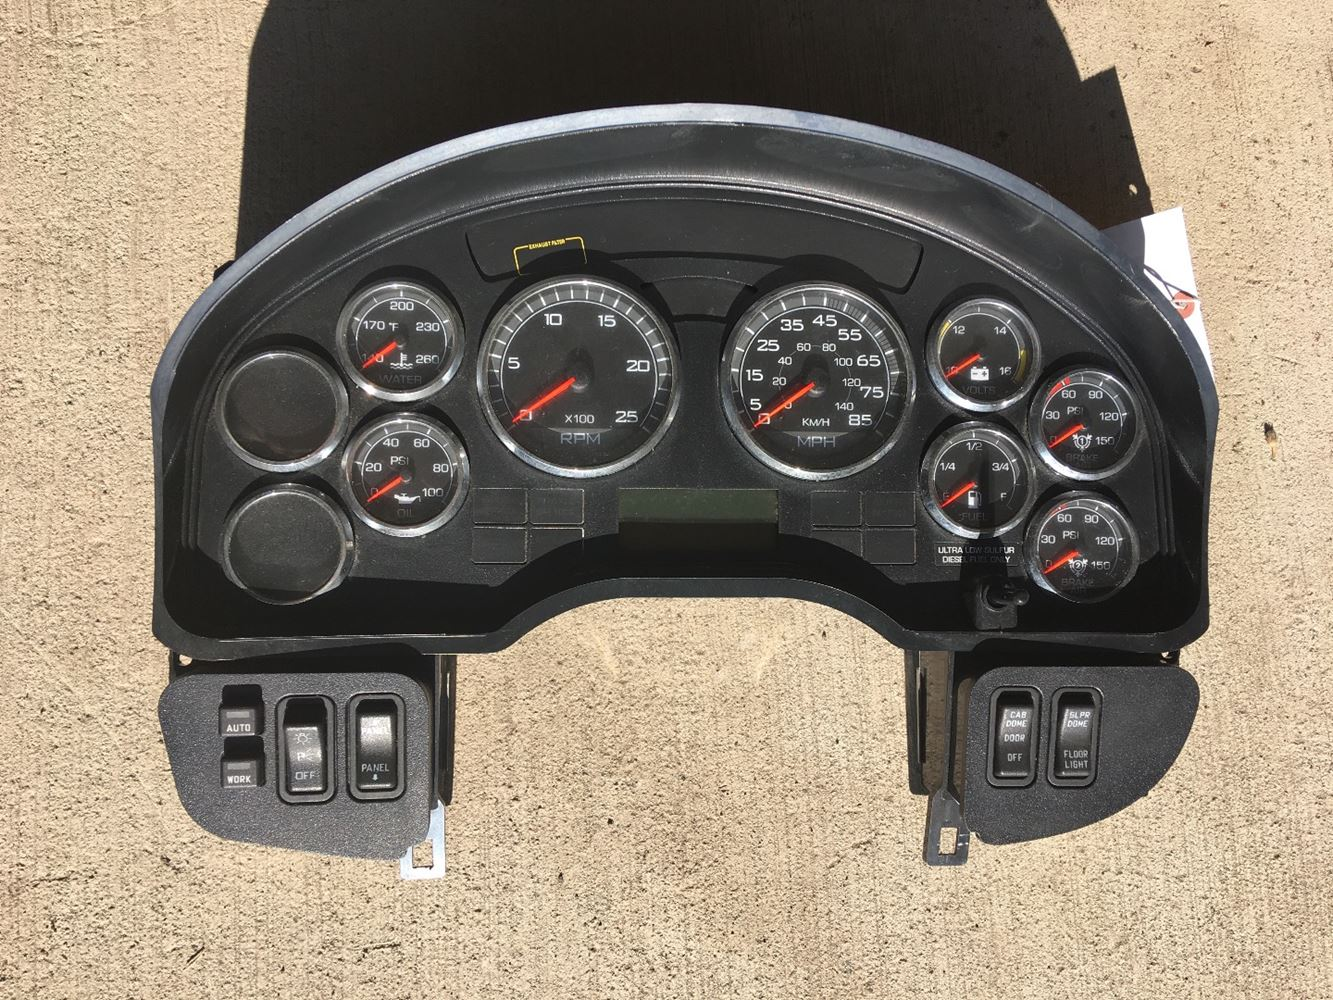 International Trucks For Sale >> 2012 International PROSTAR (Stock #8002)   Instrument Cluster   TPI